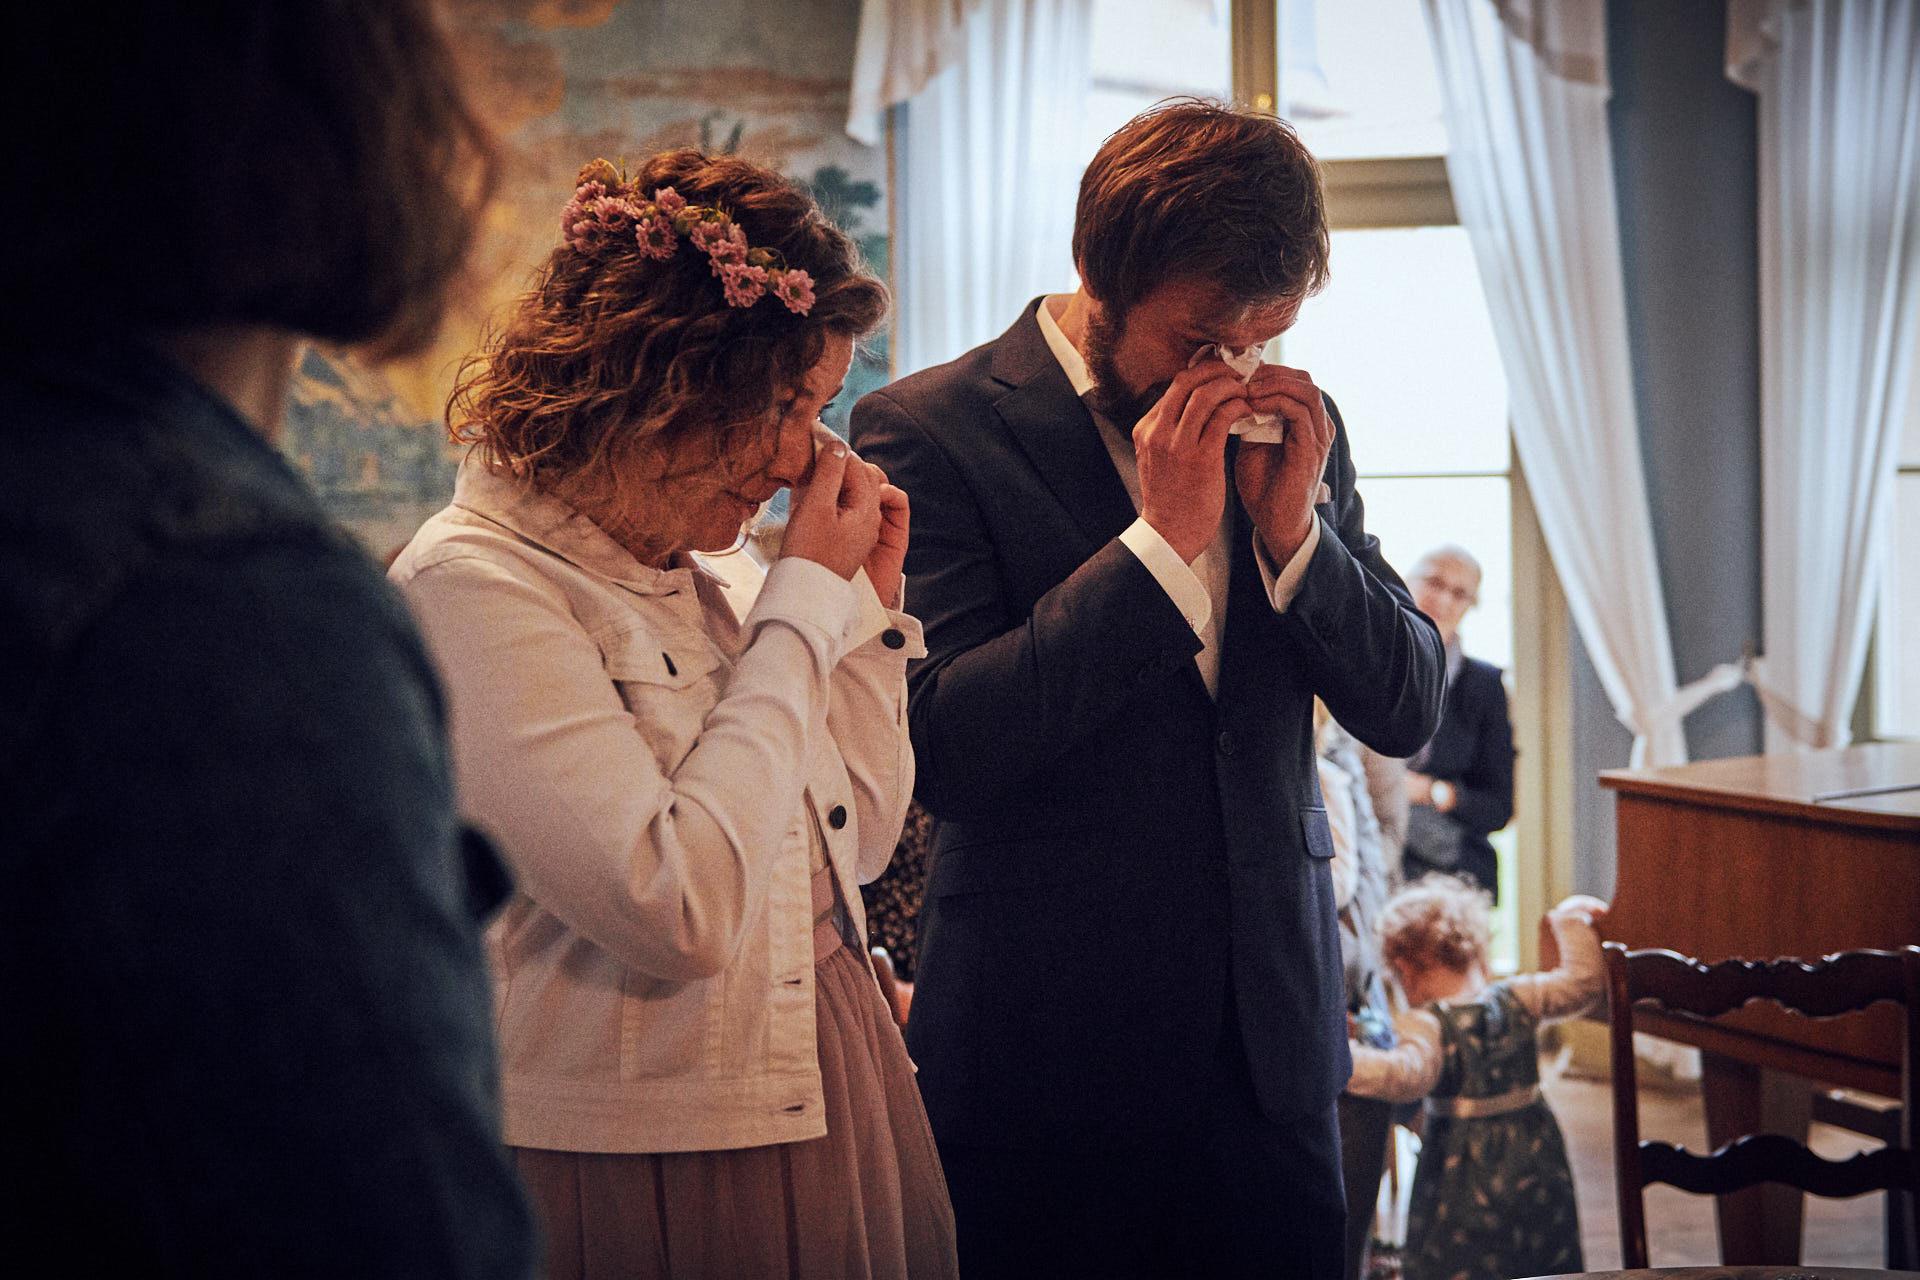 Emotionales Brautpaar weint